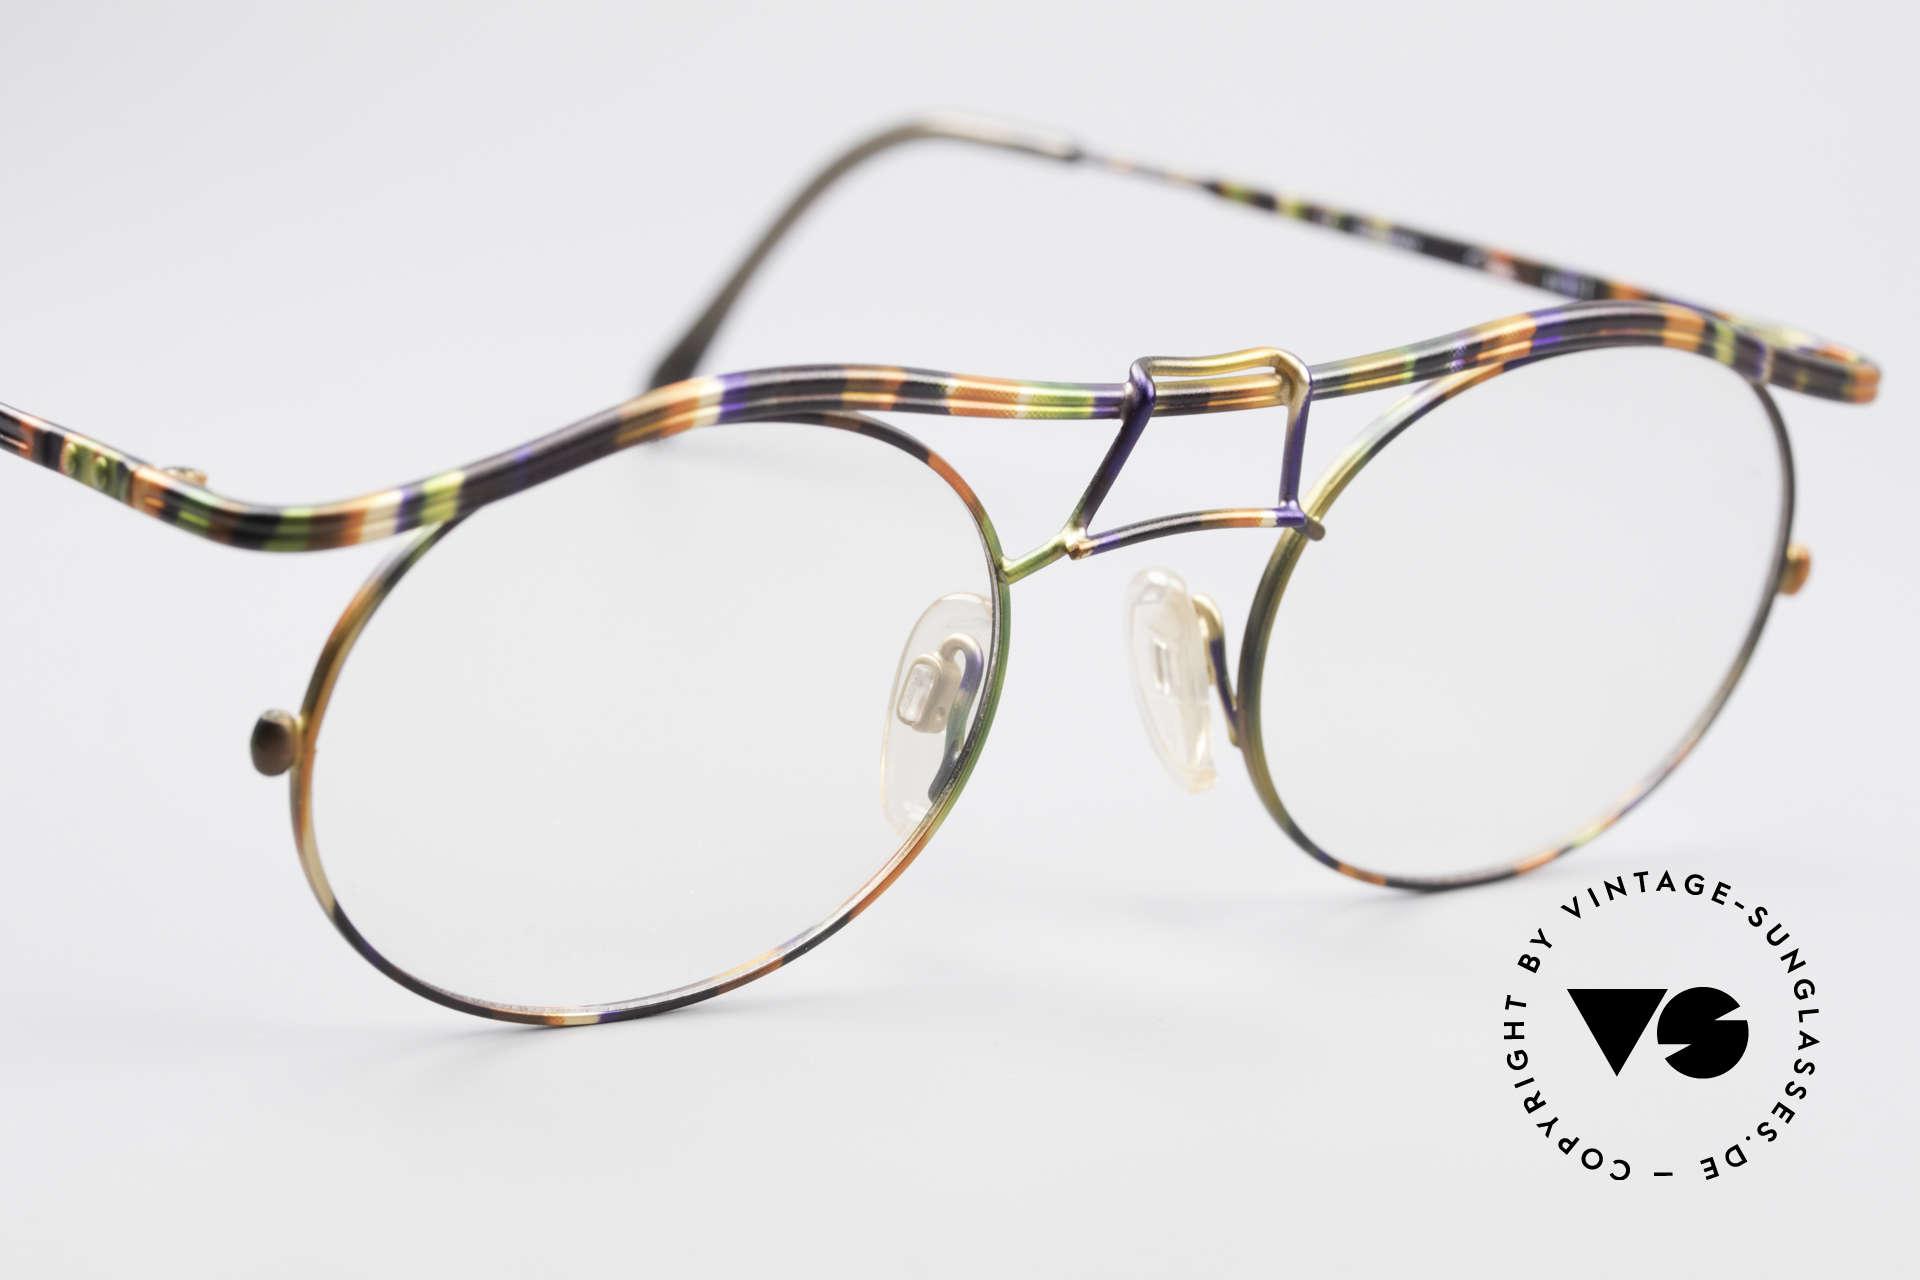 Cazal 1110 - Point 2 90er Industrial Designer Brille, KEINE Retromode; sondern ein altes Original von 1999, Passend für Herren